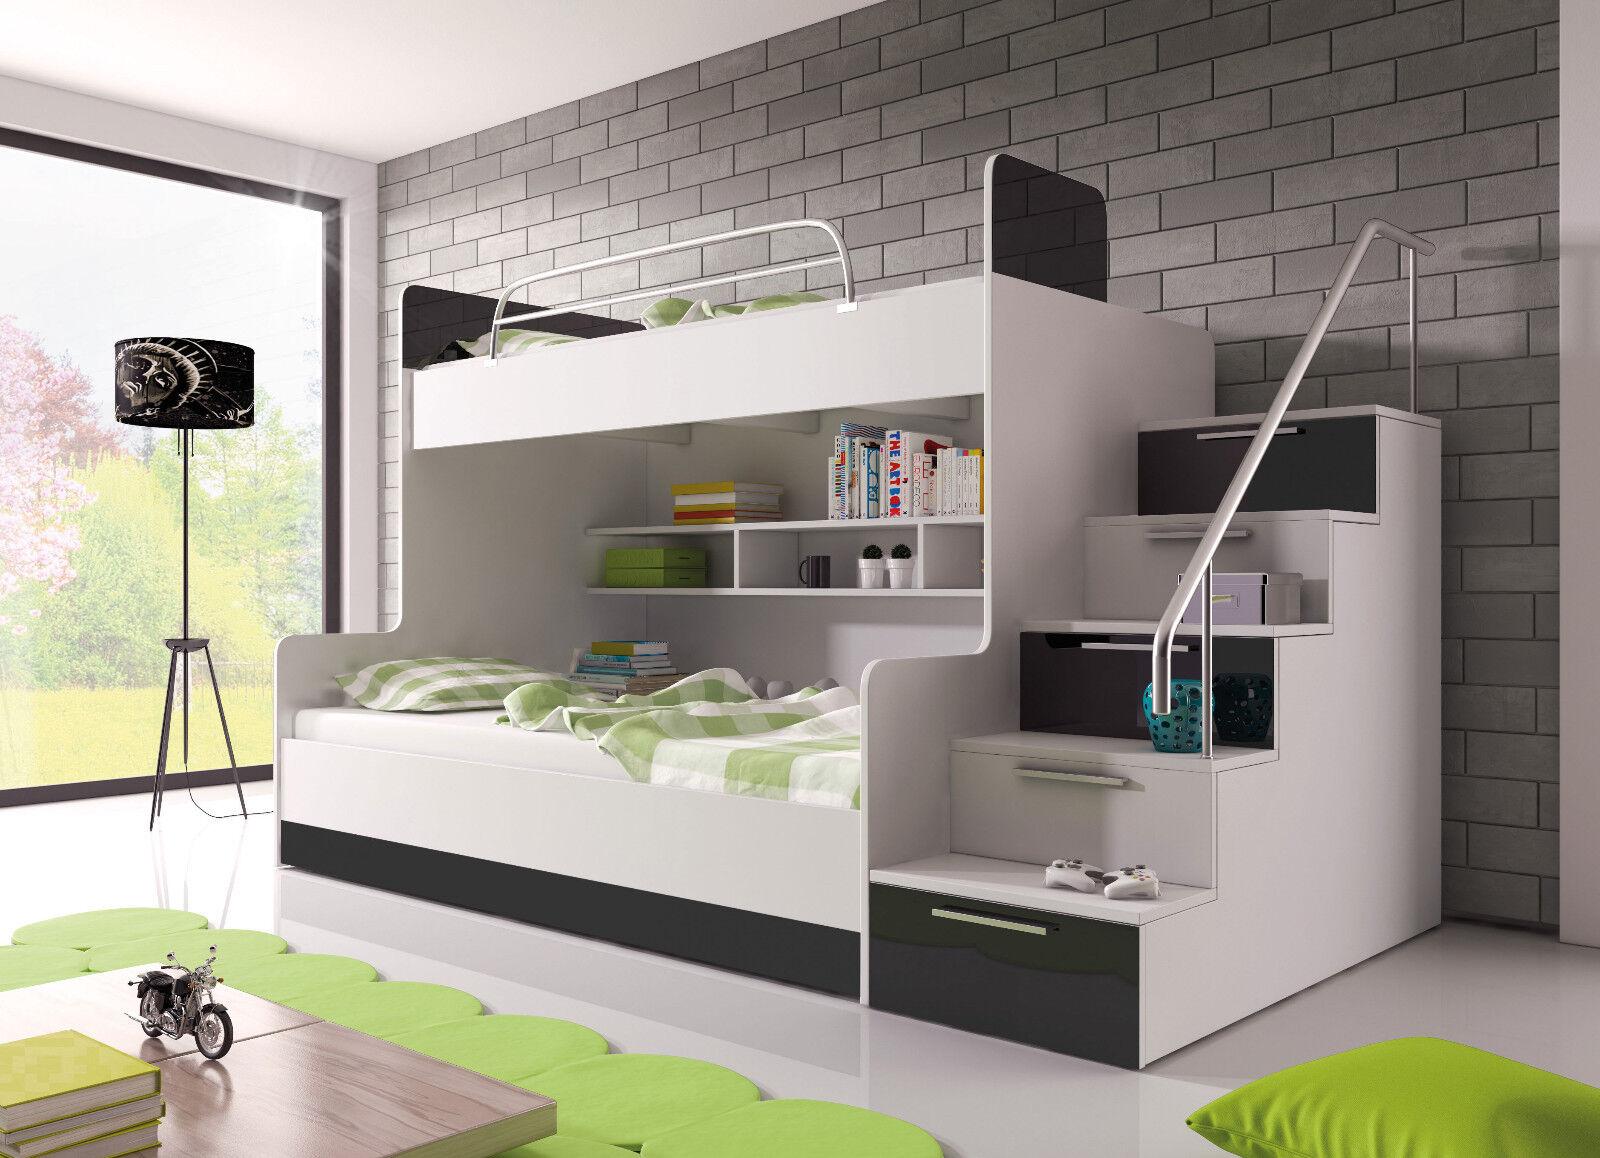 Etagenbett Metall Bundeswehr : Doppelstockbett metall etagenbetten für kleinkinder günstig